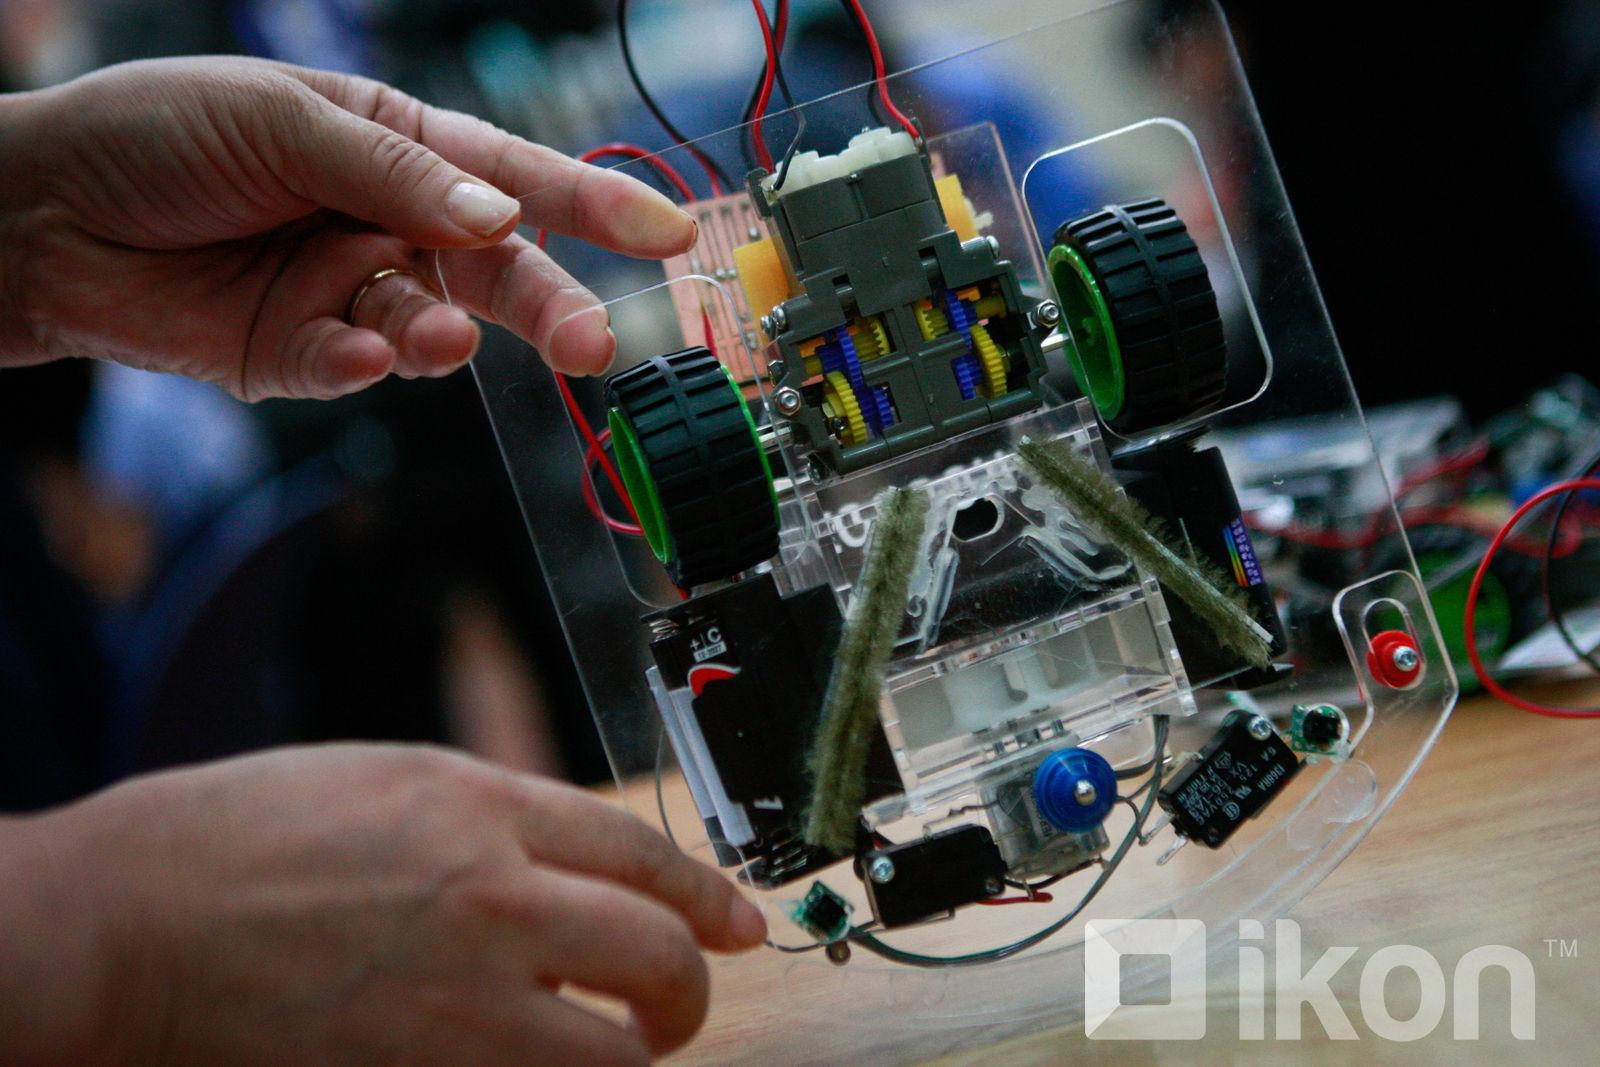 Монгол хүүхдүүд шал цэвэрлэдэг робот угсарч сурав